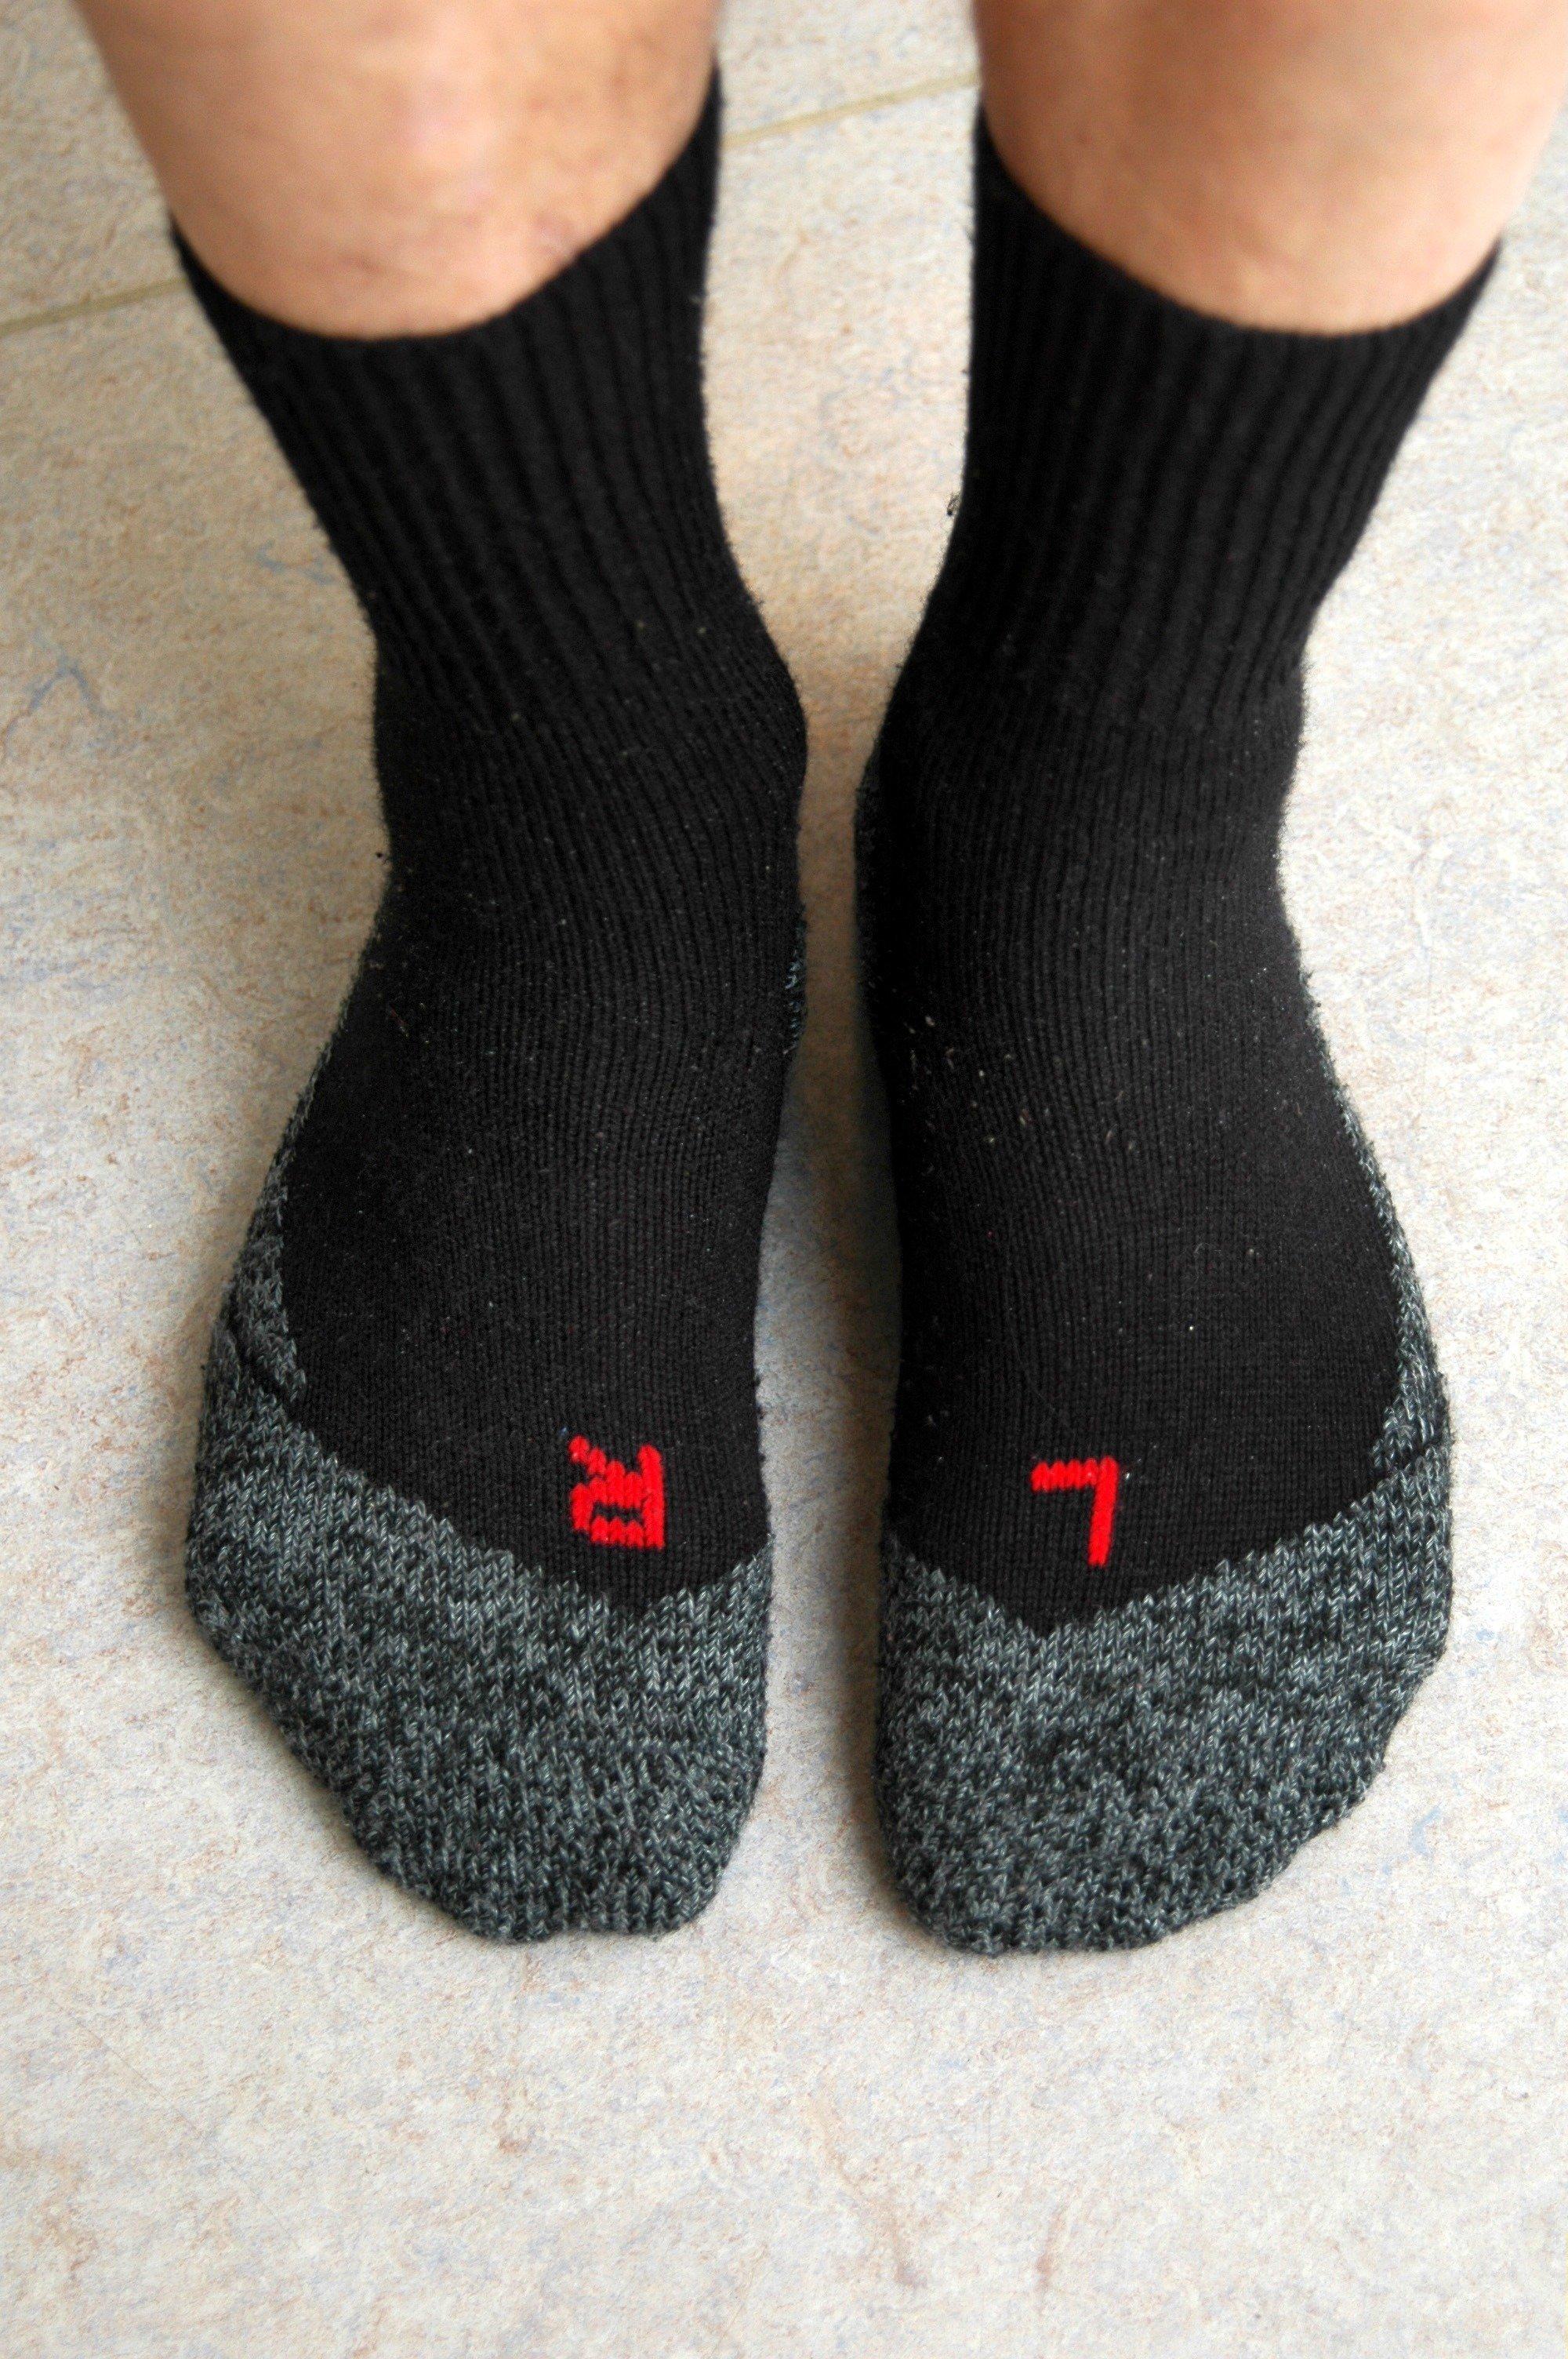 Mann riecht jeden Tag an seinen Socken, dann bangt er um sein Leben